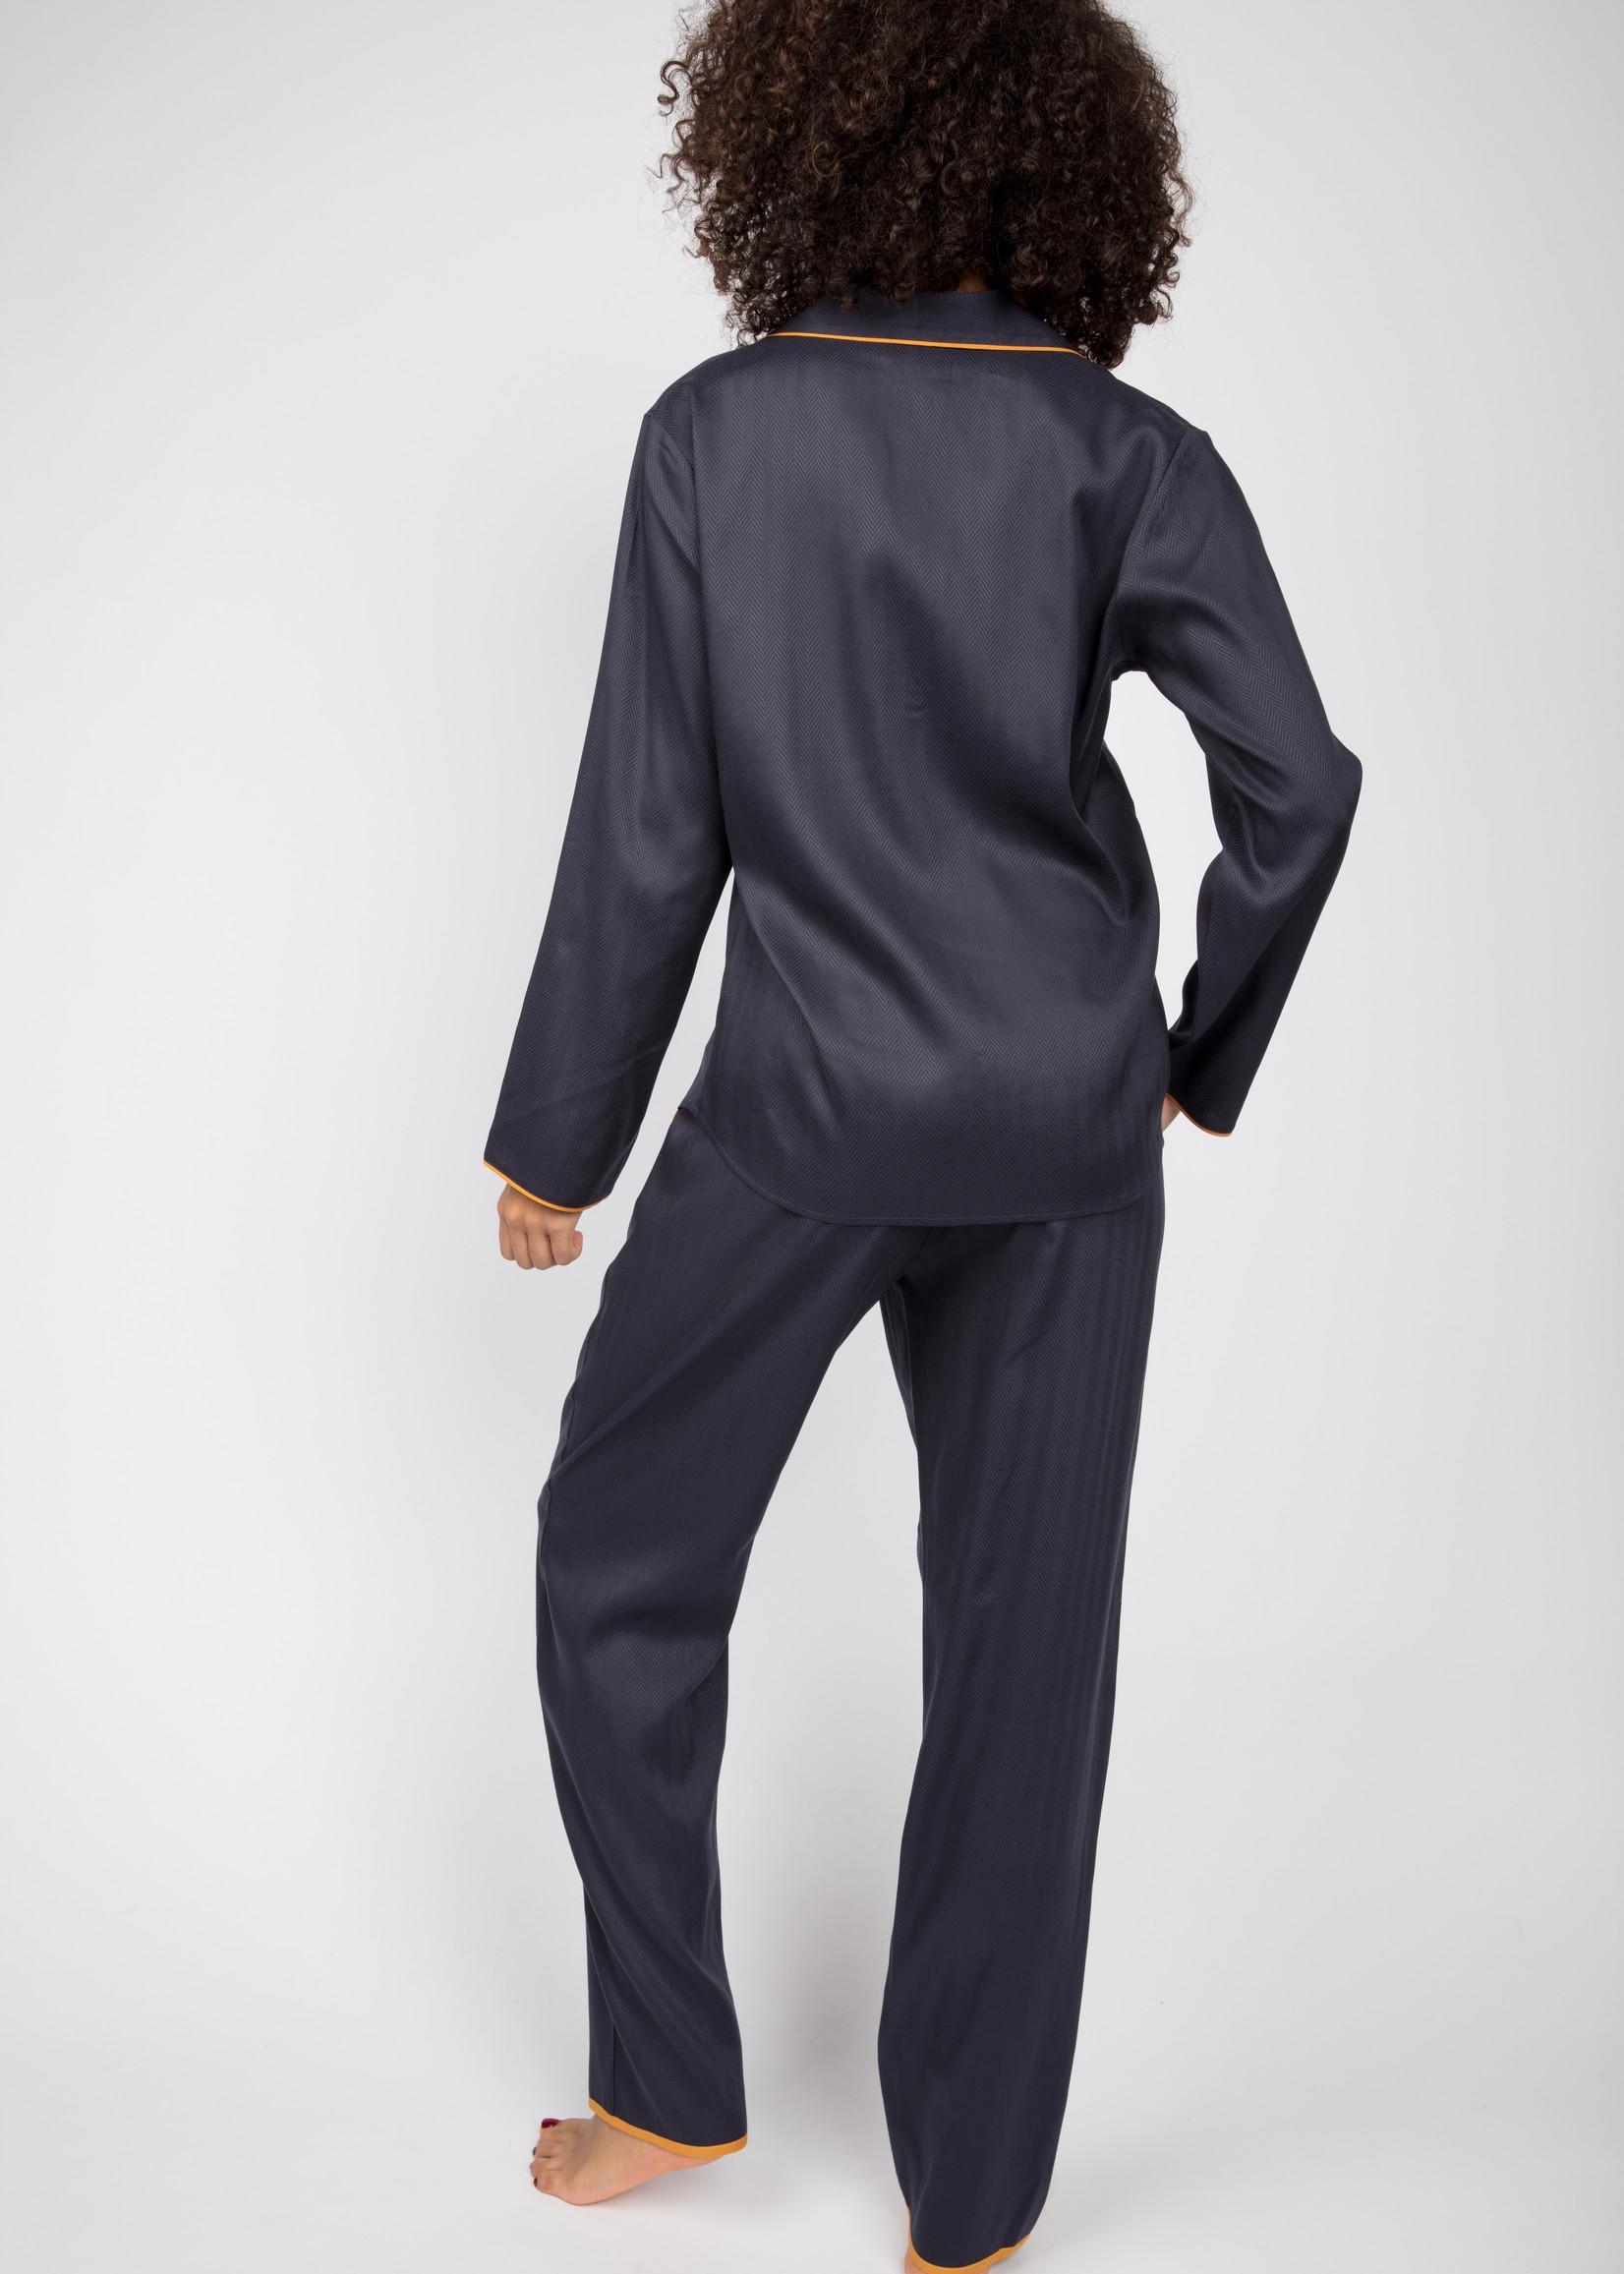 Cyberjammies Cyberjammies Rachel Herringbone Pyjama Pamts